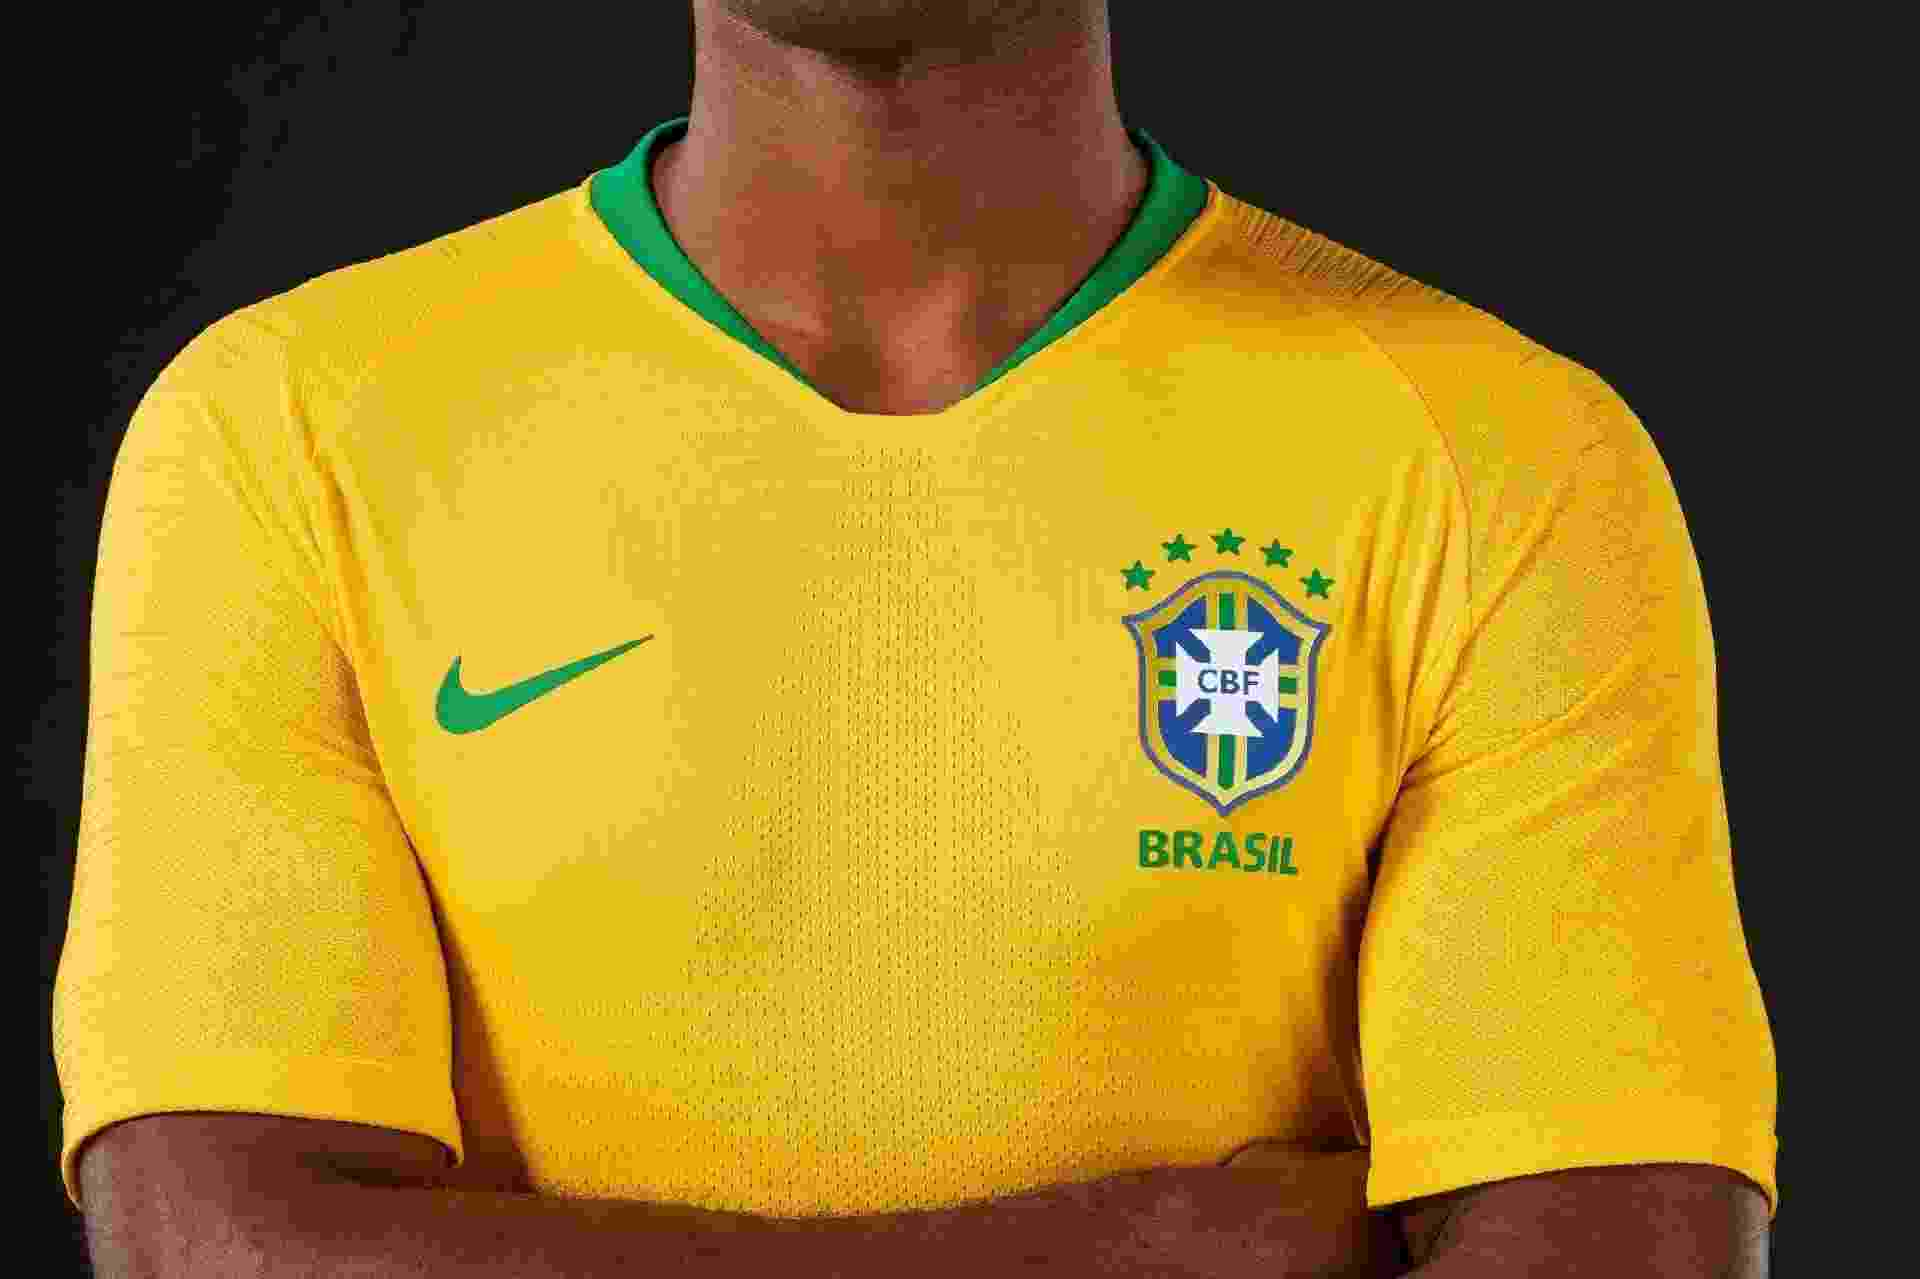 Nike divulga fotos dos uniformes da seleção para a Copa do Mundo de 2018 02fae5cbfa92e